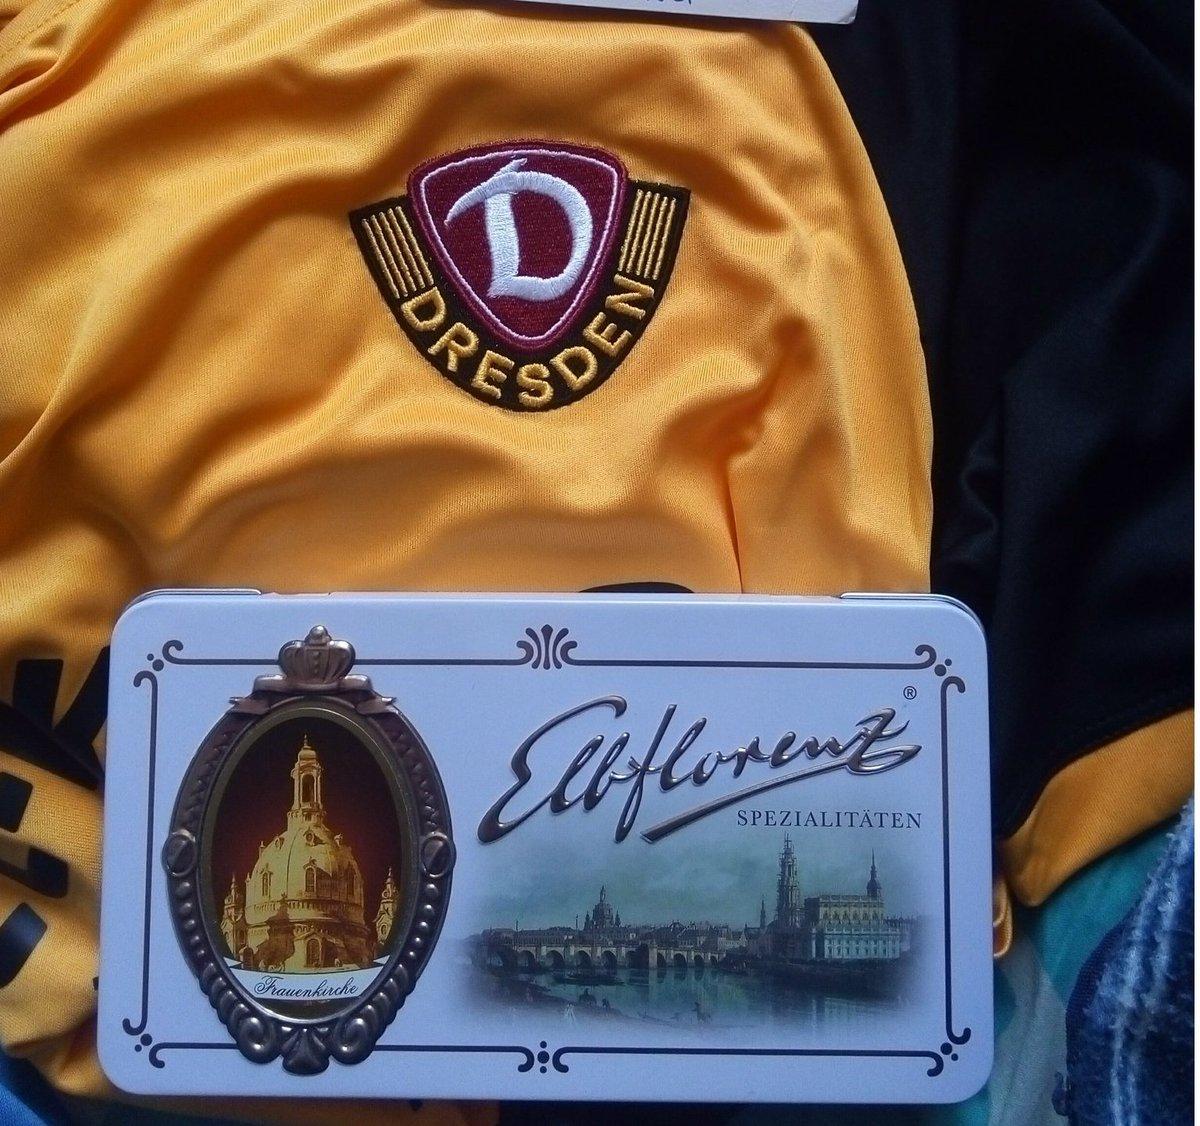 test Twitter Media - @flying_lukas Hallo, Ich wünsche dir einen schönen Abend! gestern ein @DynamoDresden Fan hat mir ein offizielles Teamtrikot und ein paar leckere Pralinen als Geburtstagsgeschenk geschickt hat. Ich bin sehr froh, das Shirt erhalten zu haben 😊😍  Grüße aus Lima, Peru https://t.co/v3ig9BX3de